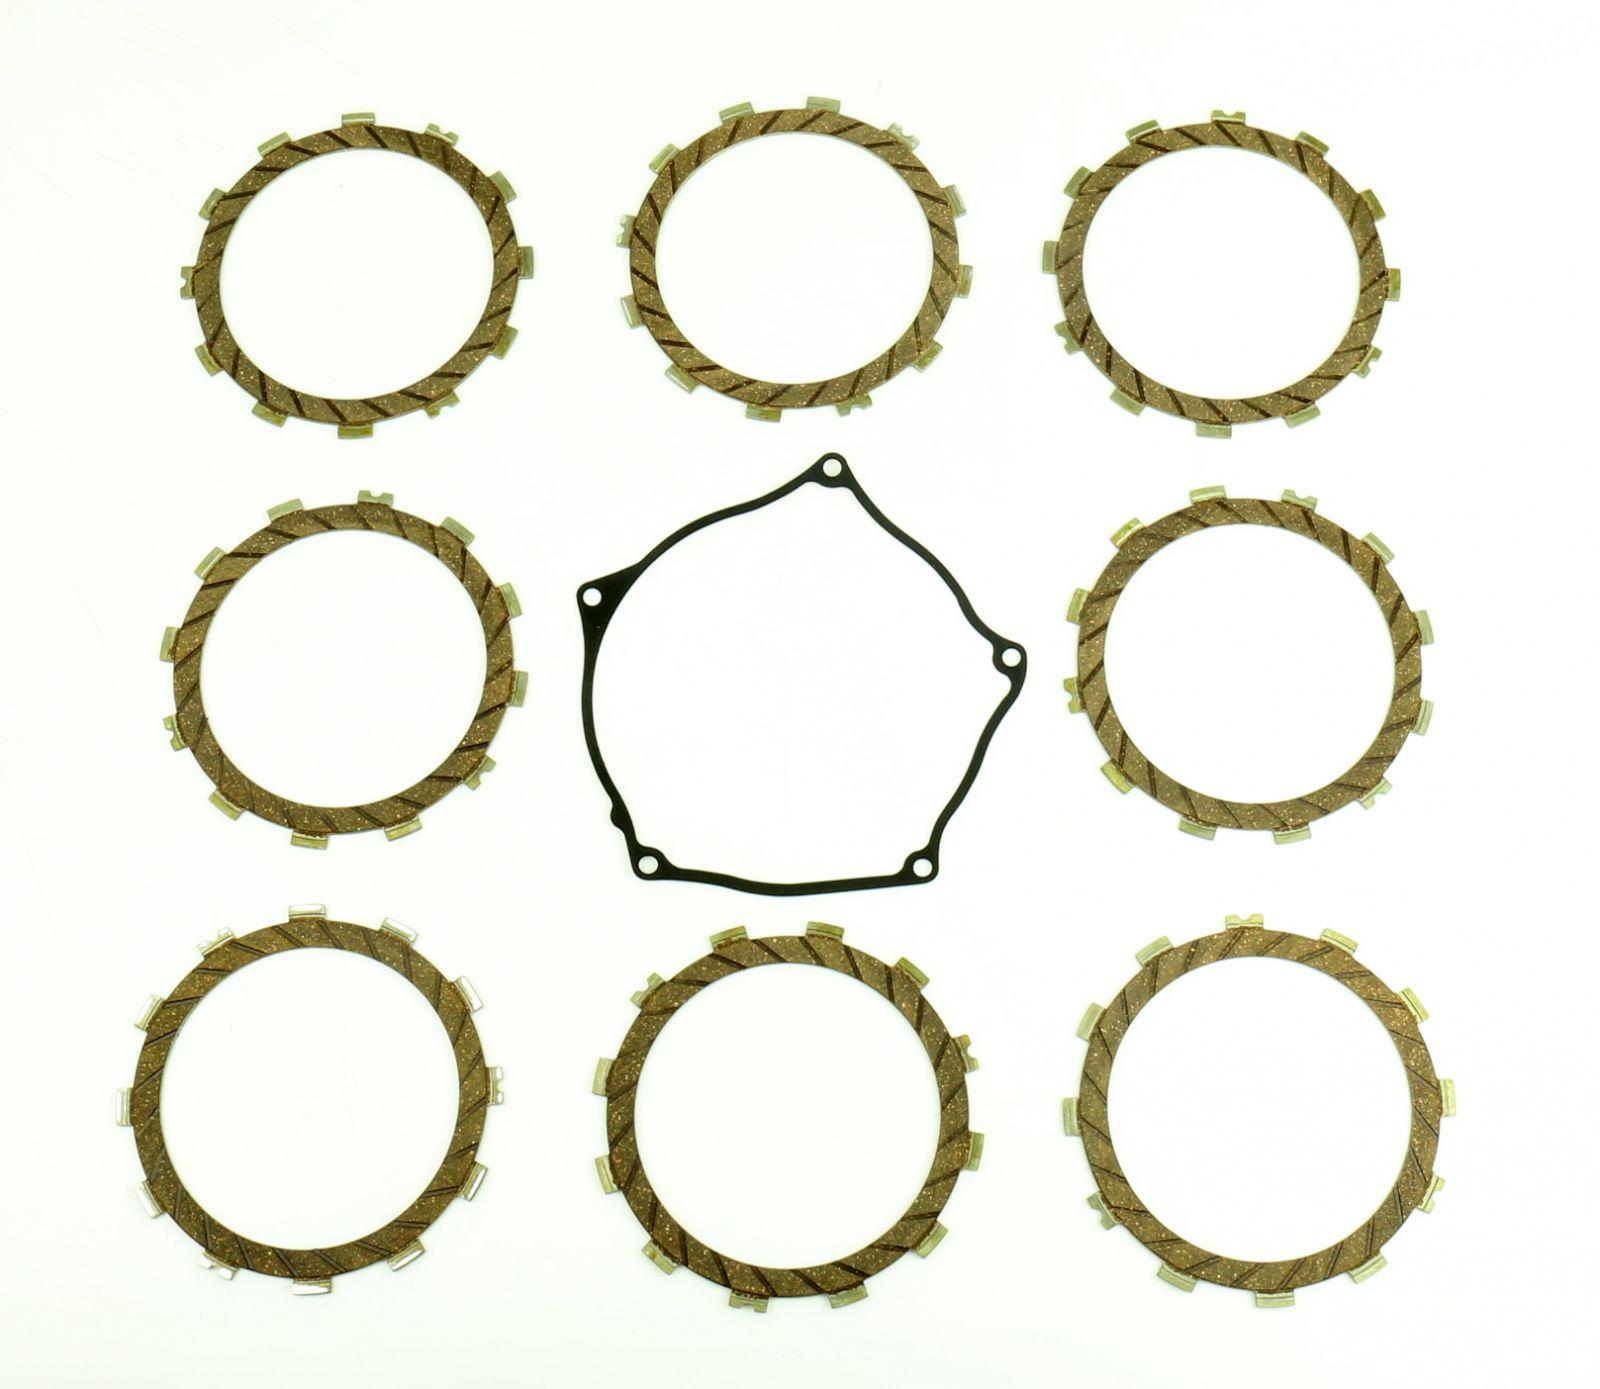 Athena Clutch Plate Kits - 307250A image